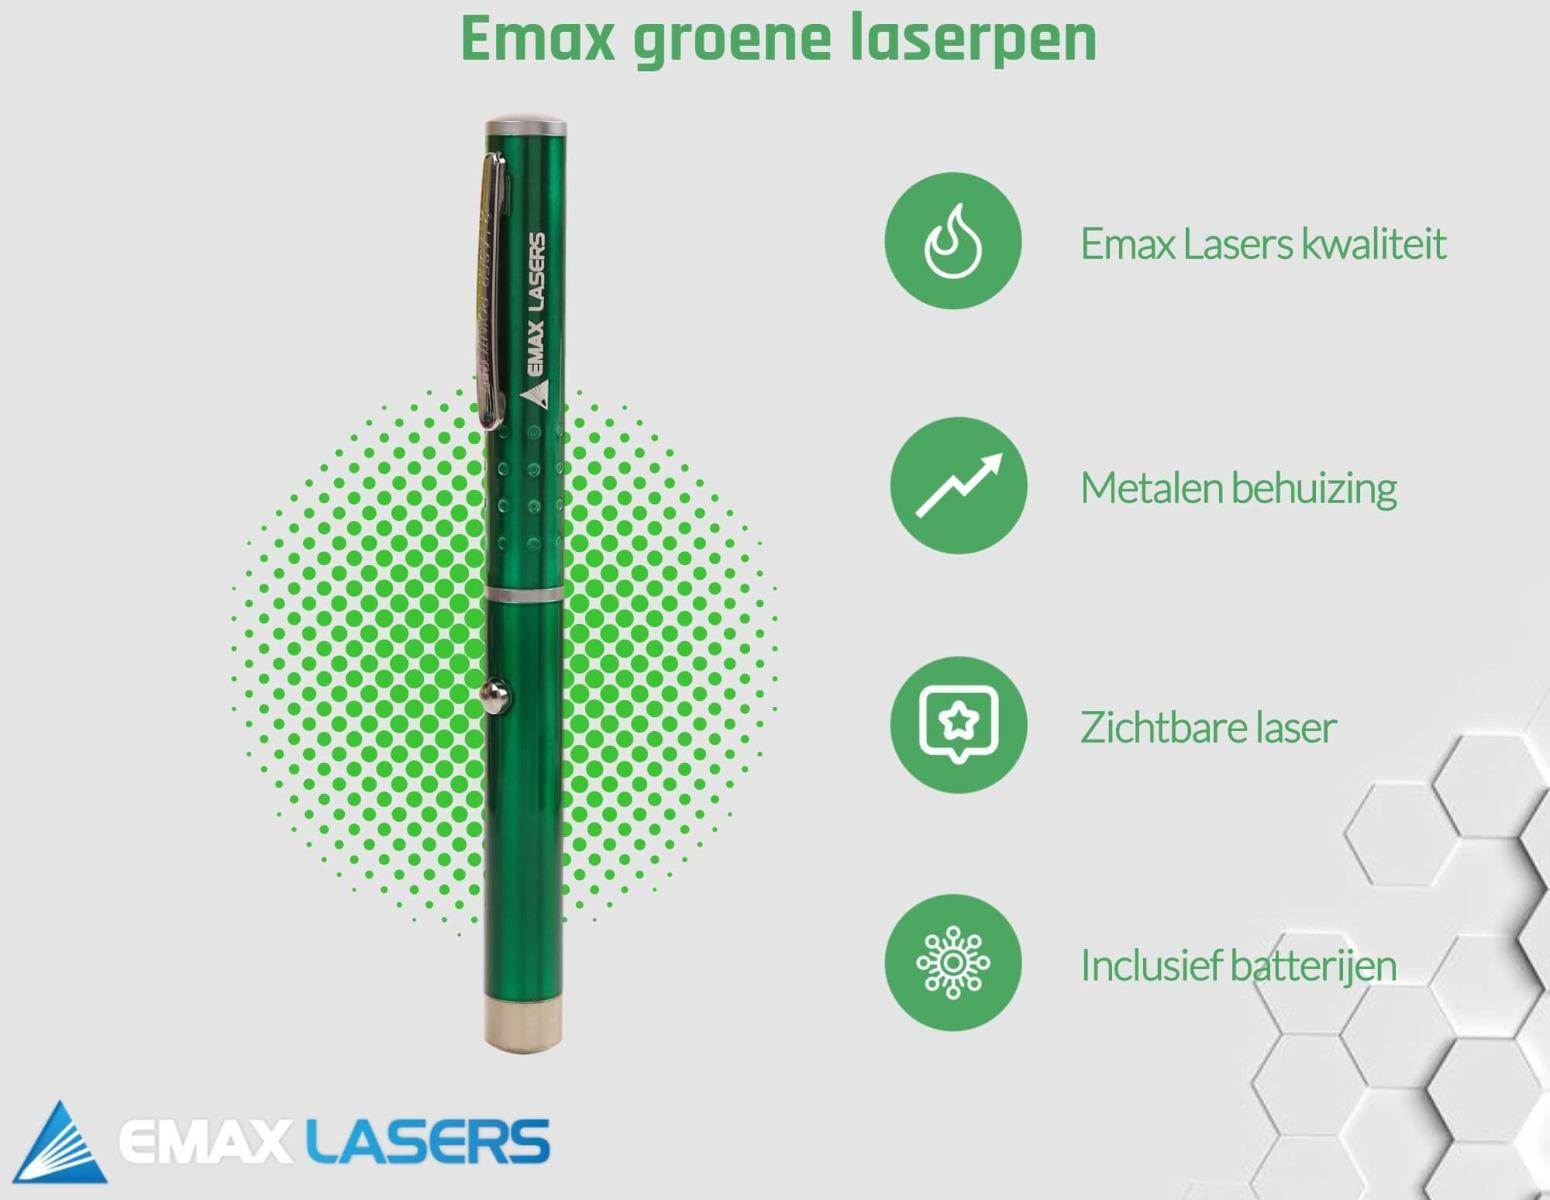 emax groene laserpen banner